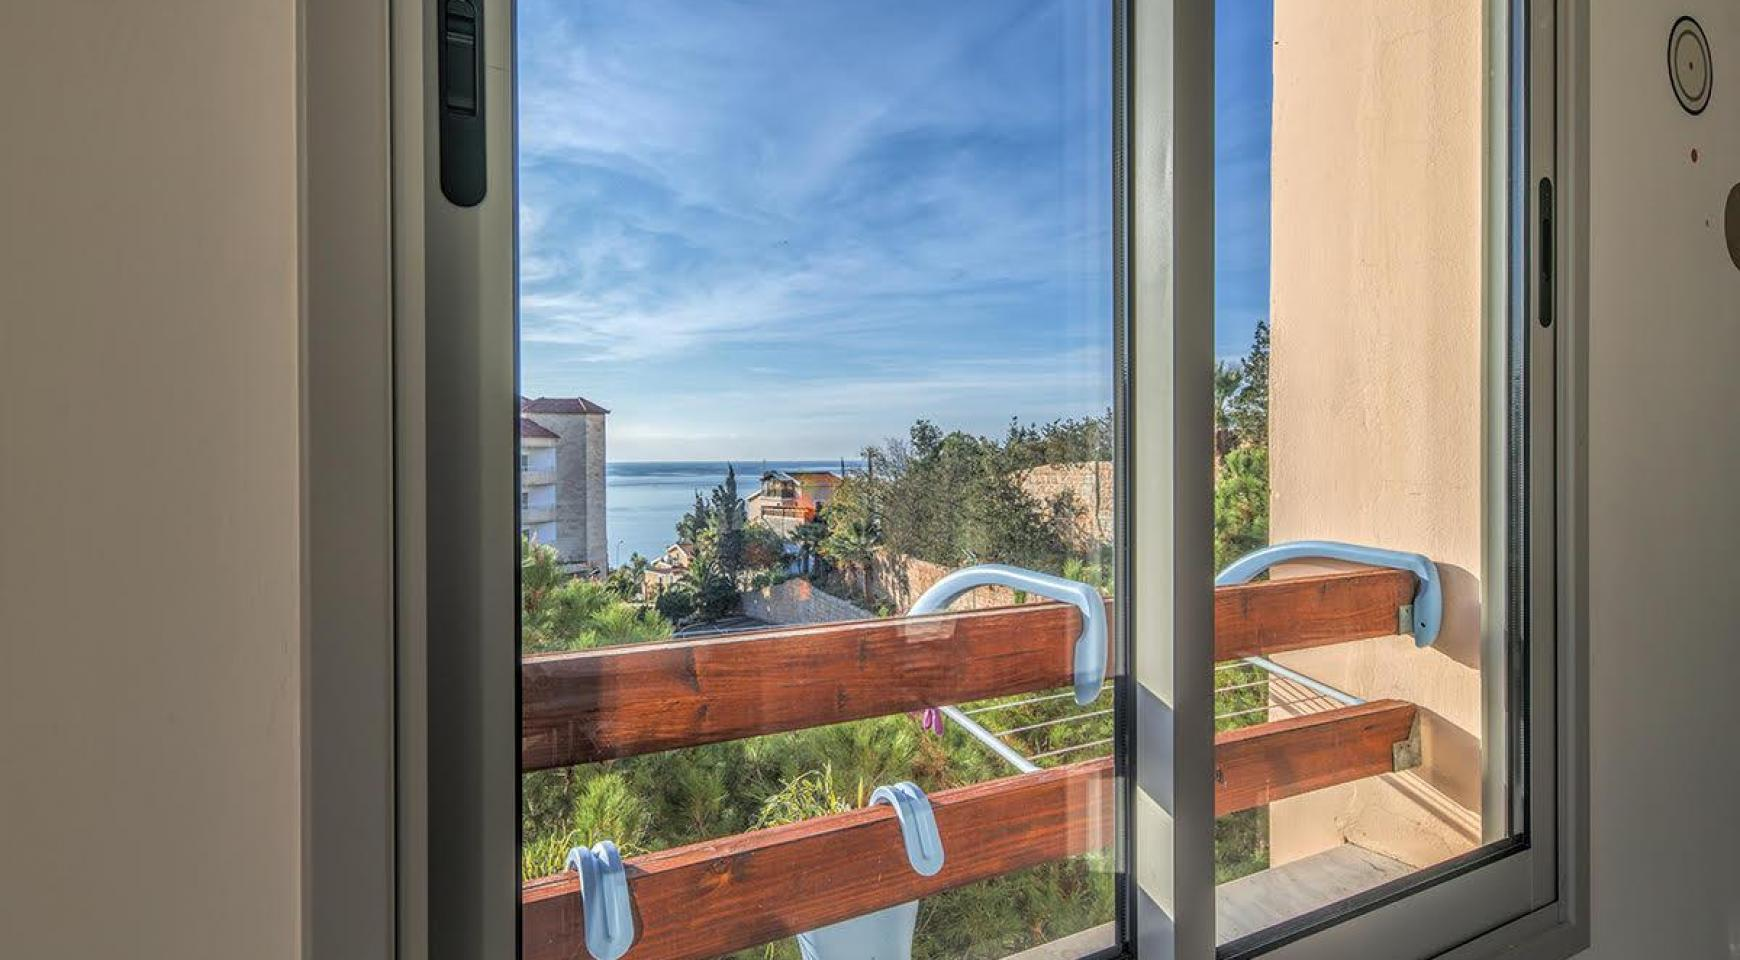 2 Bedroom Duplex Apartment in a Prestigious Complex near the Sea - 6